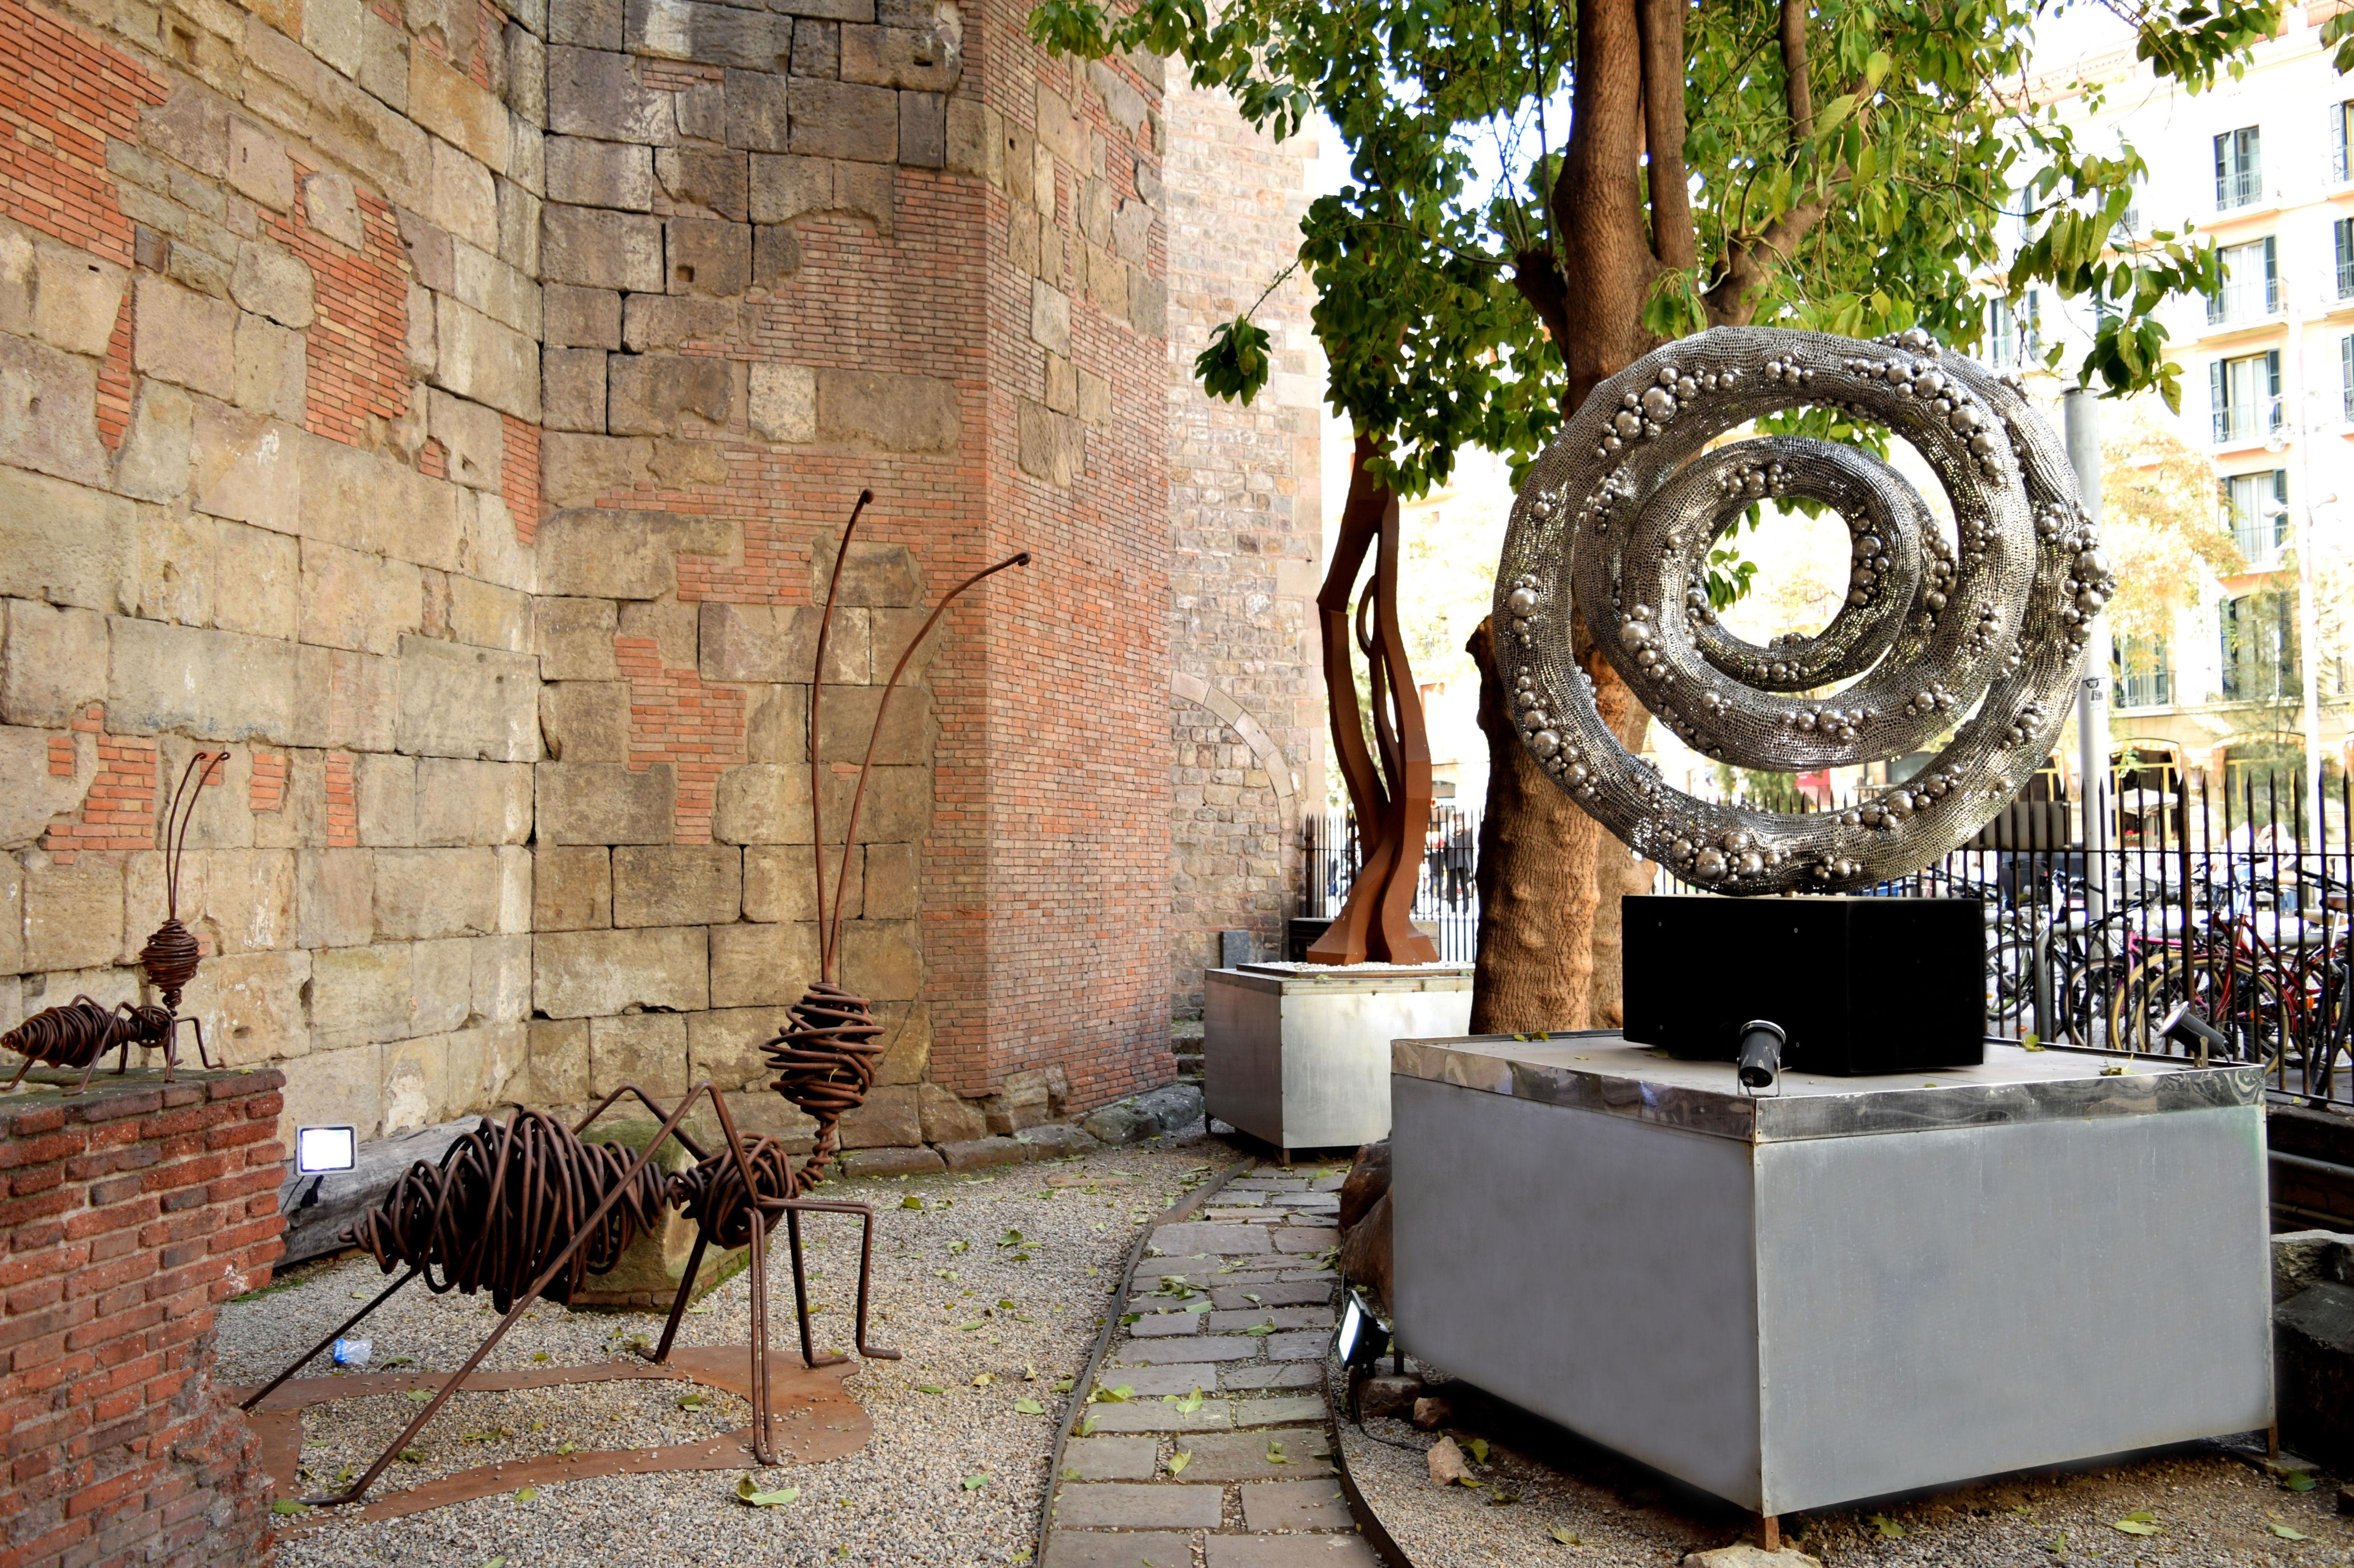 Galería de arte contemporáneo en Barcelona | Jardín de esculturas